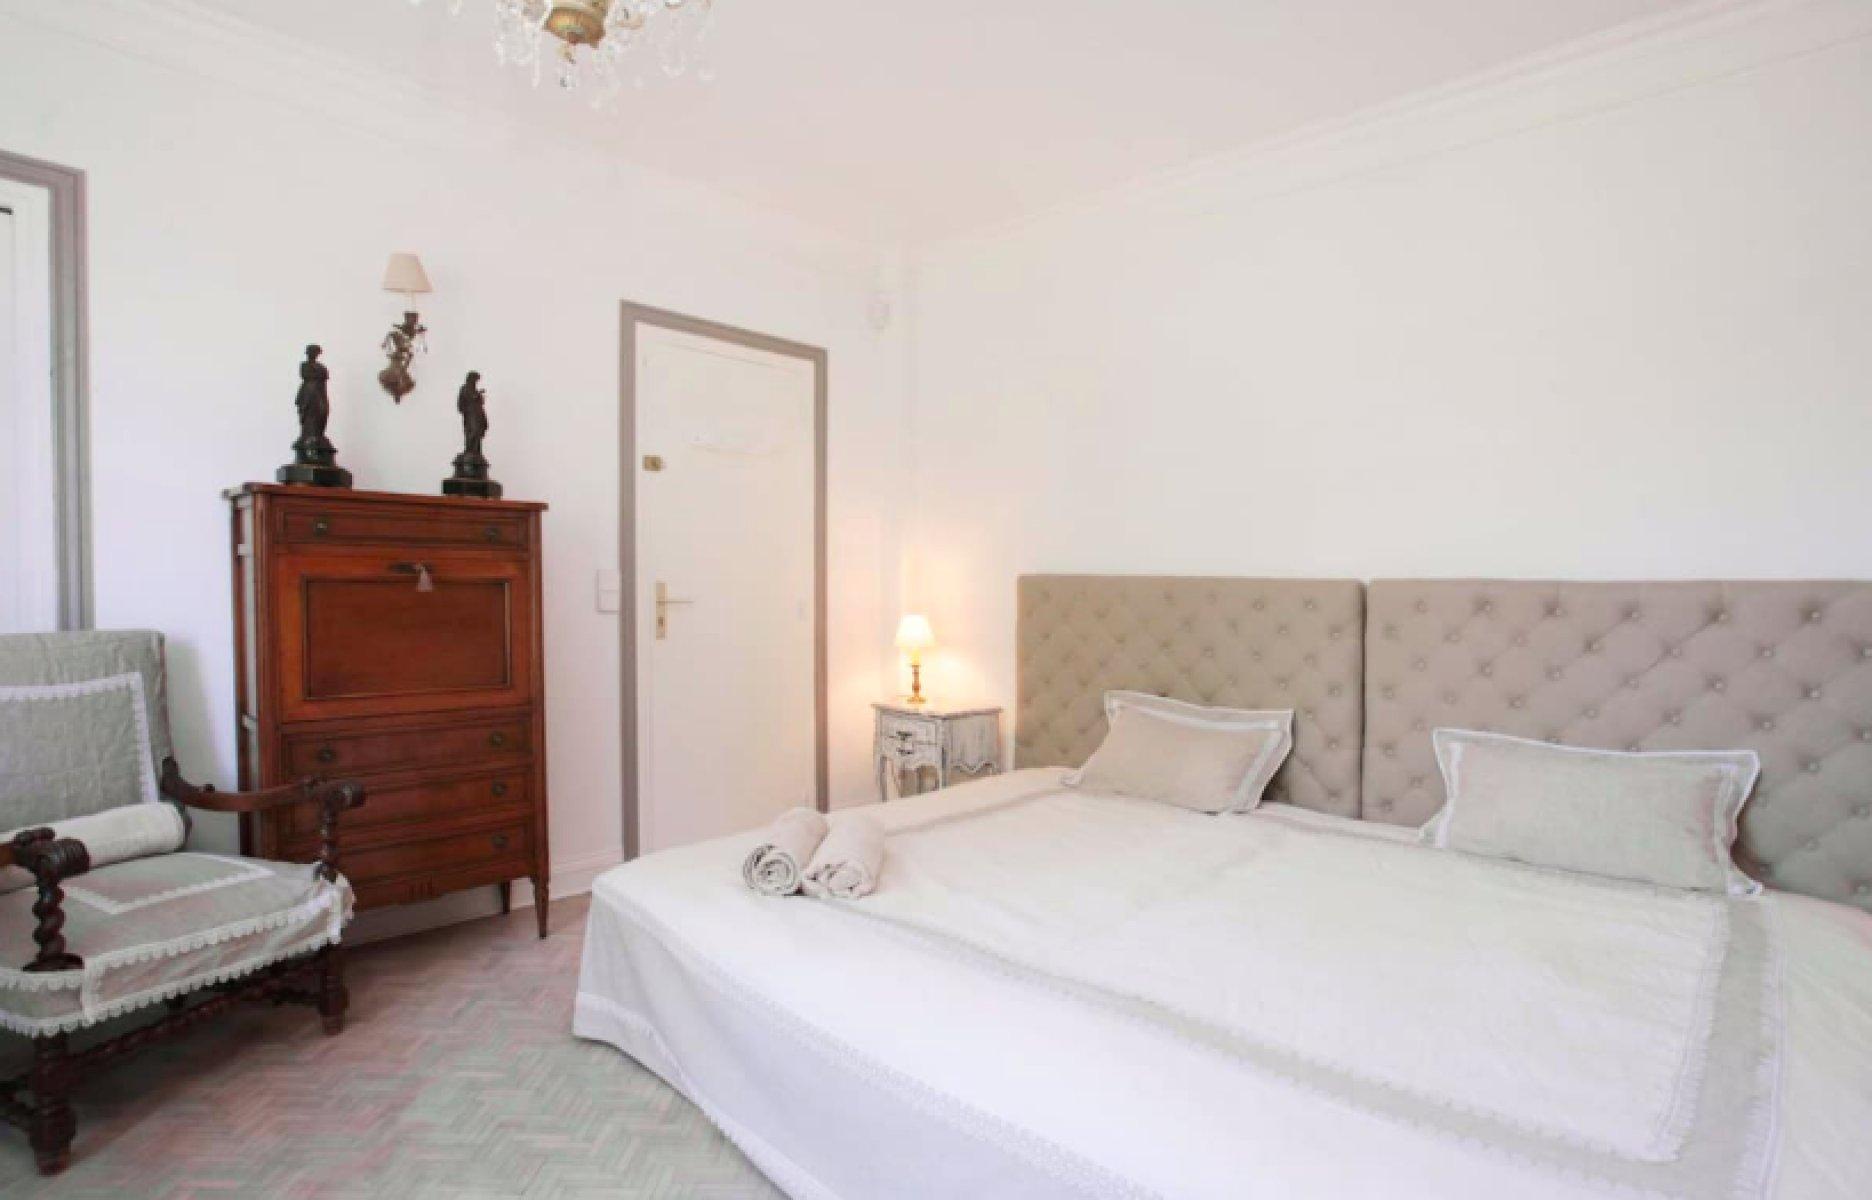 Casa para arrendar em Cannes. Casa 240m² aluguel a longo prazo em Cannes. Aluguel casa a longo prazo ar condicionado, piscina, mobiliado, estacionamento, terraço, jardim, França Alpes Marítimos. Ache aluguel mensal casa em Cannes 1709438.